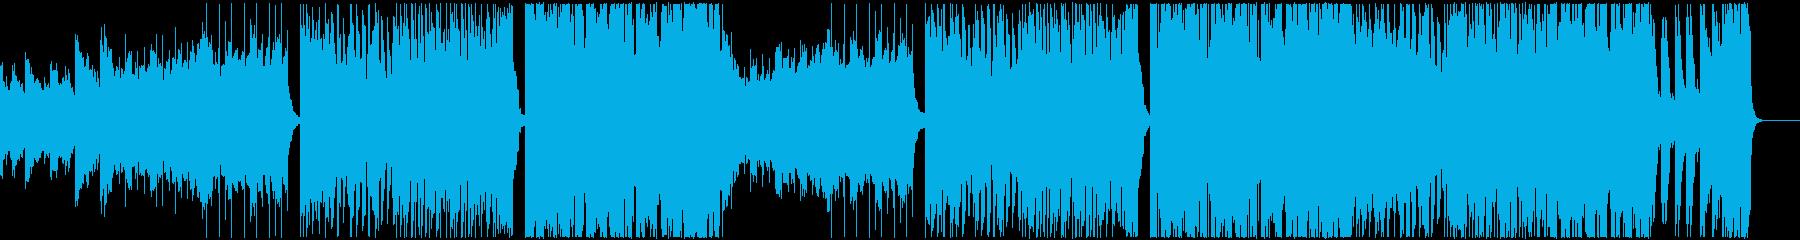 EDM系しっとりとしたフューチャーベースの再生済みの波形